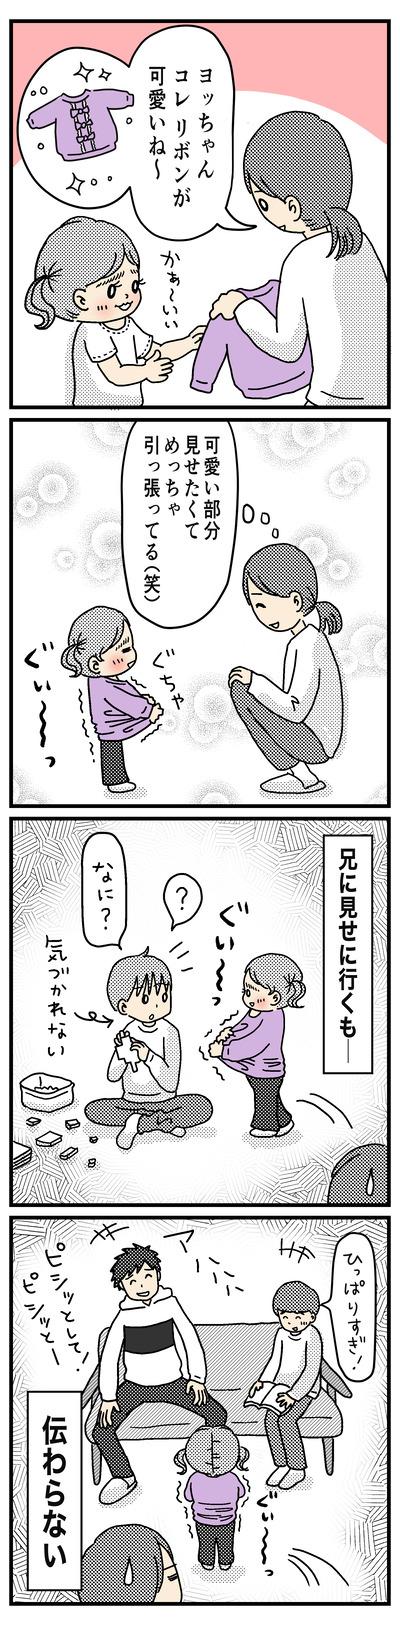 198 見せたいヨッちゃん(1才半〜2才)